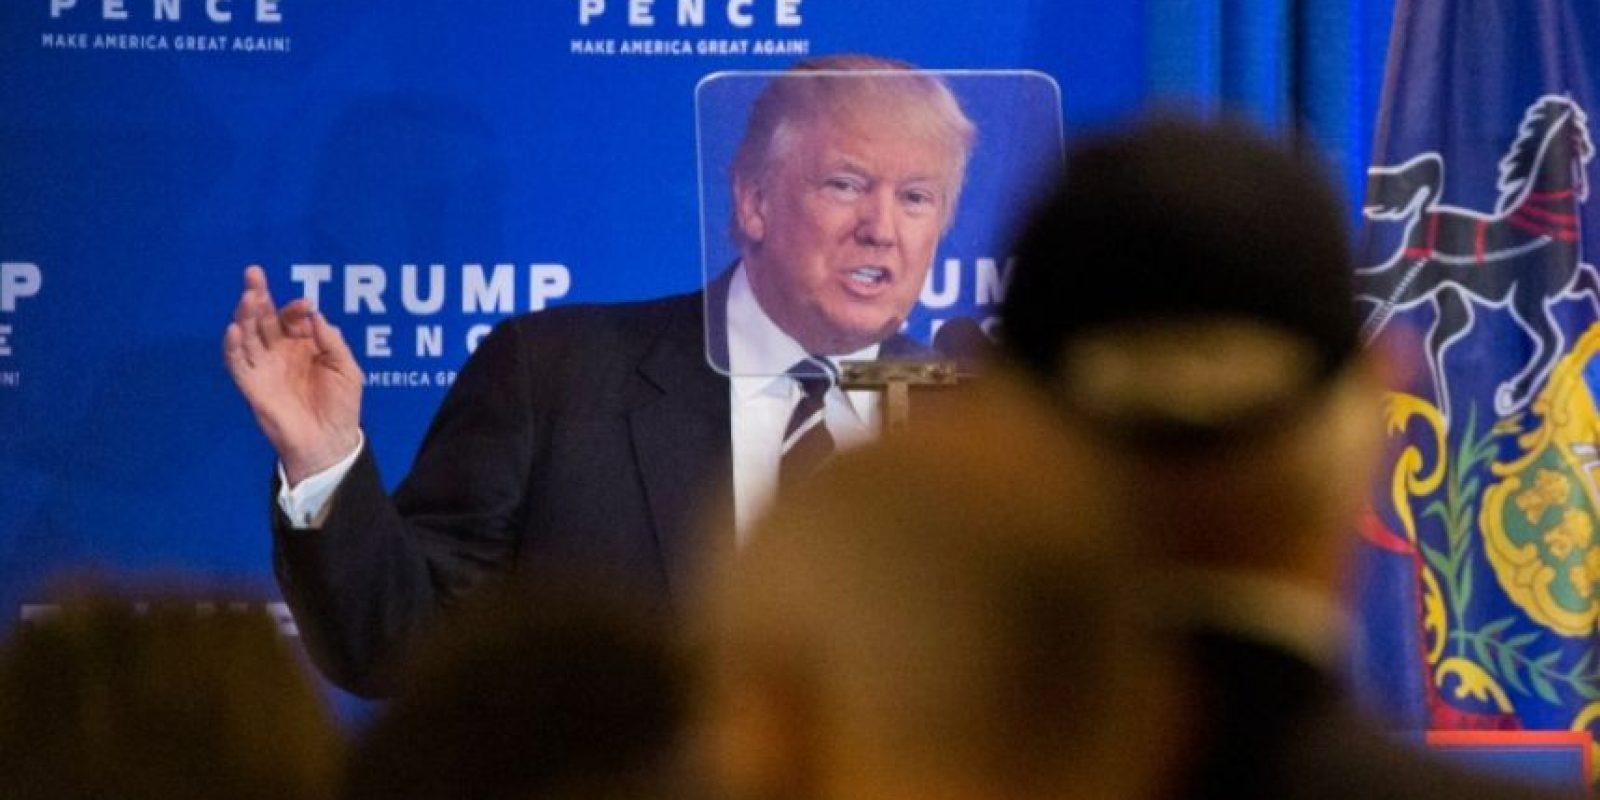 El candidato republicano a la presidencia de EEUU, Donald Trump, hace campaña en King of Prussia, Pensilvania, el 1 de noviembre de 2016 Foto:Dominick Reuter/afp.com